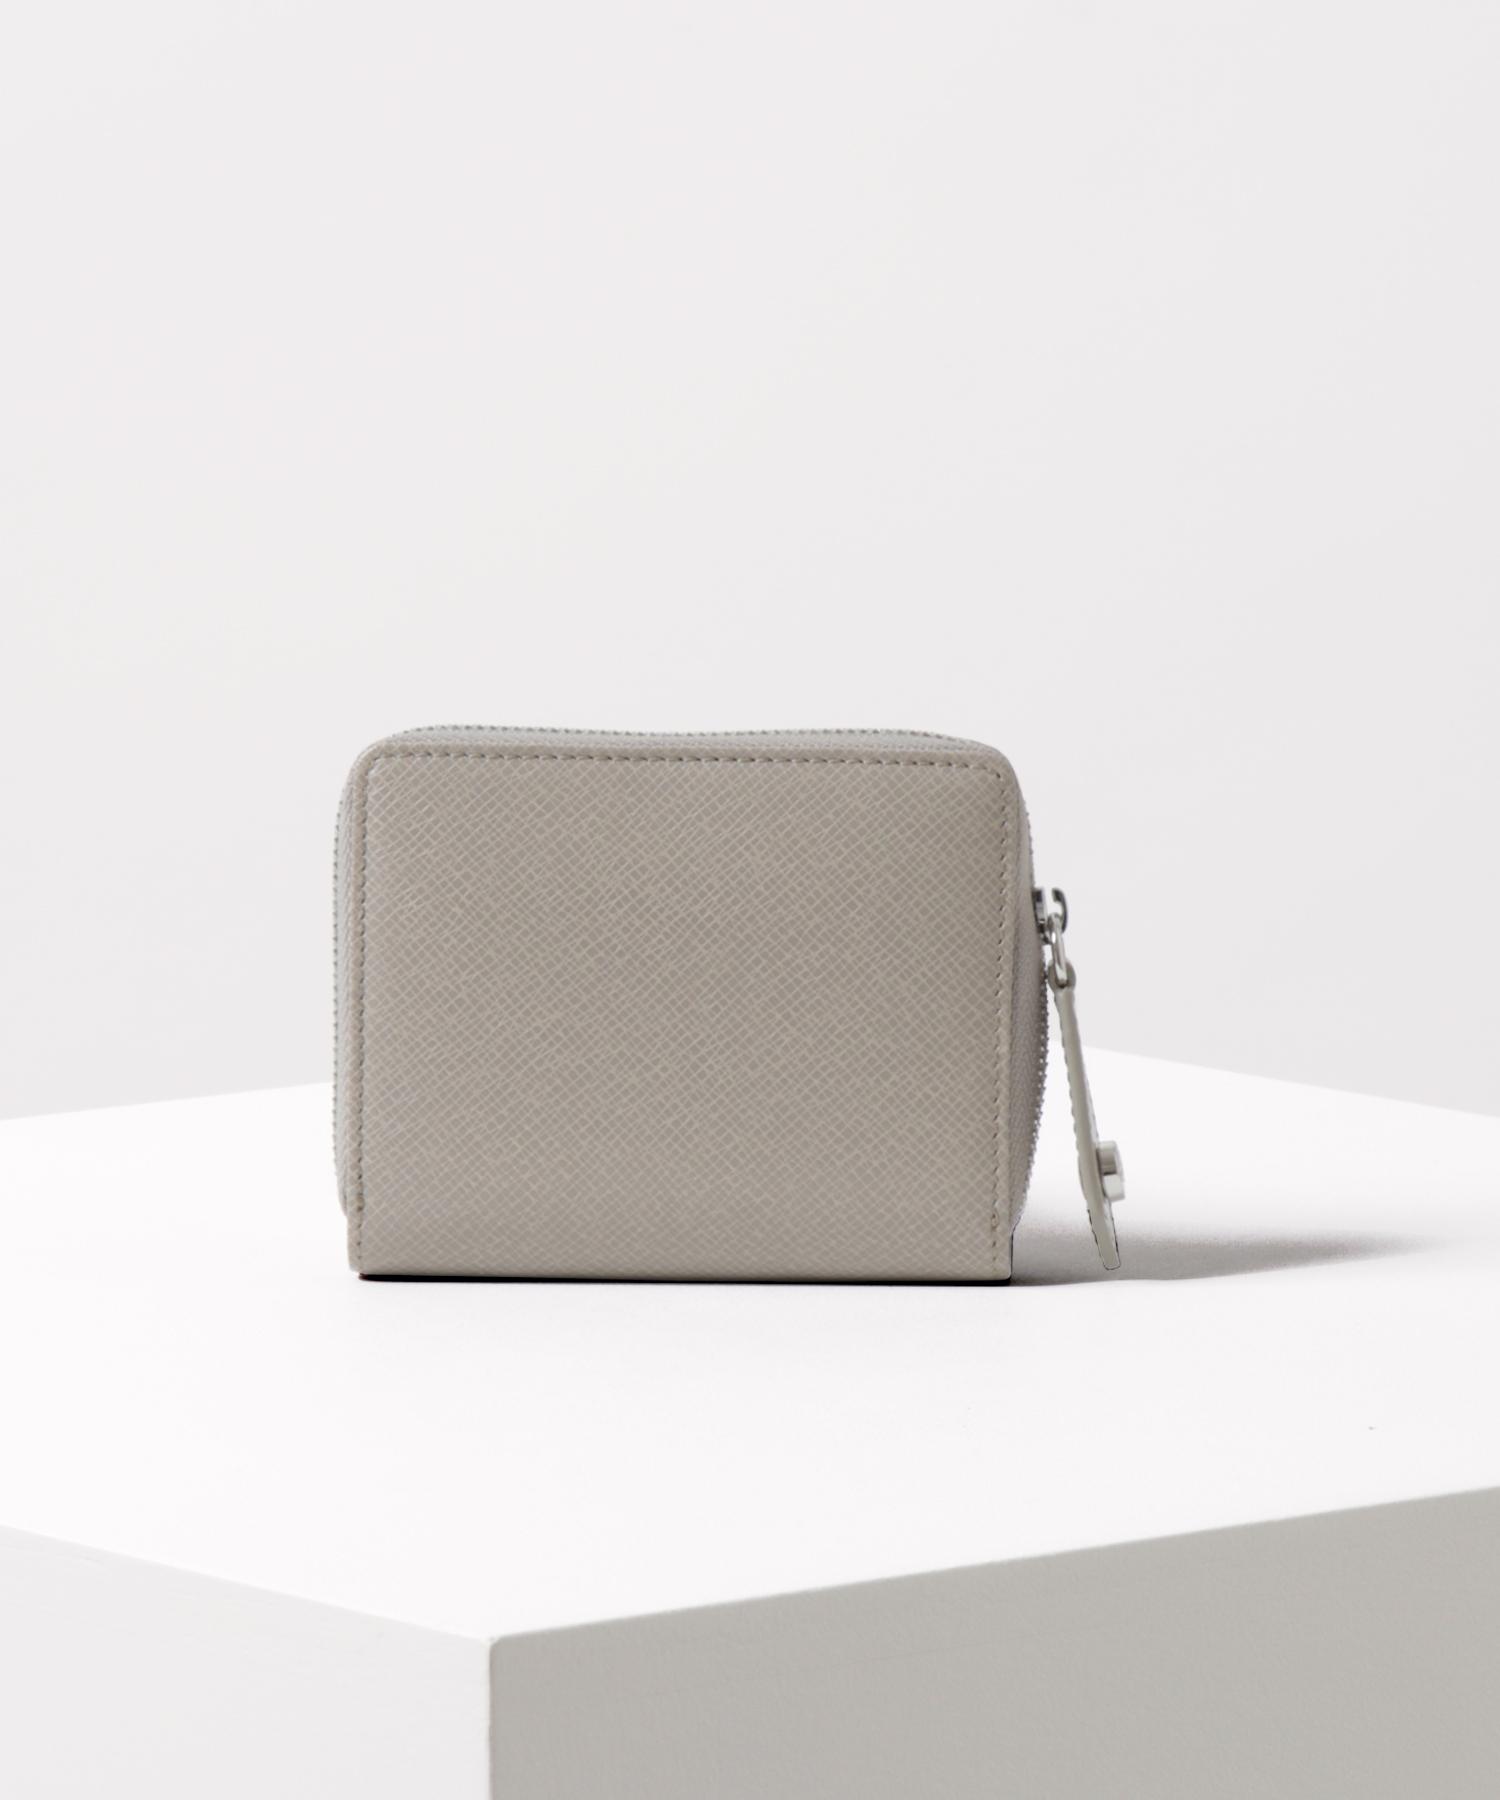 オンラインショップ限定カラー KENT ラウンドファスナーミニ財布